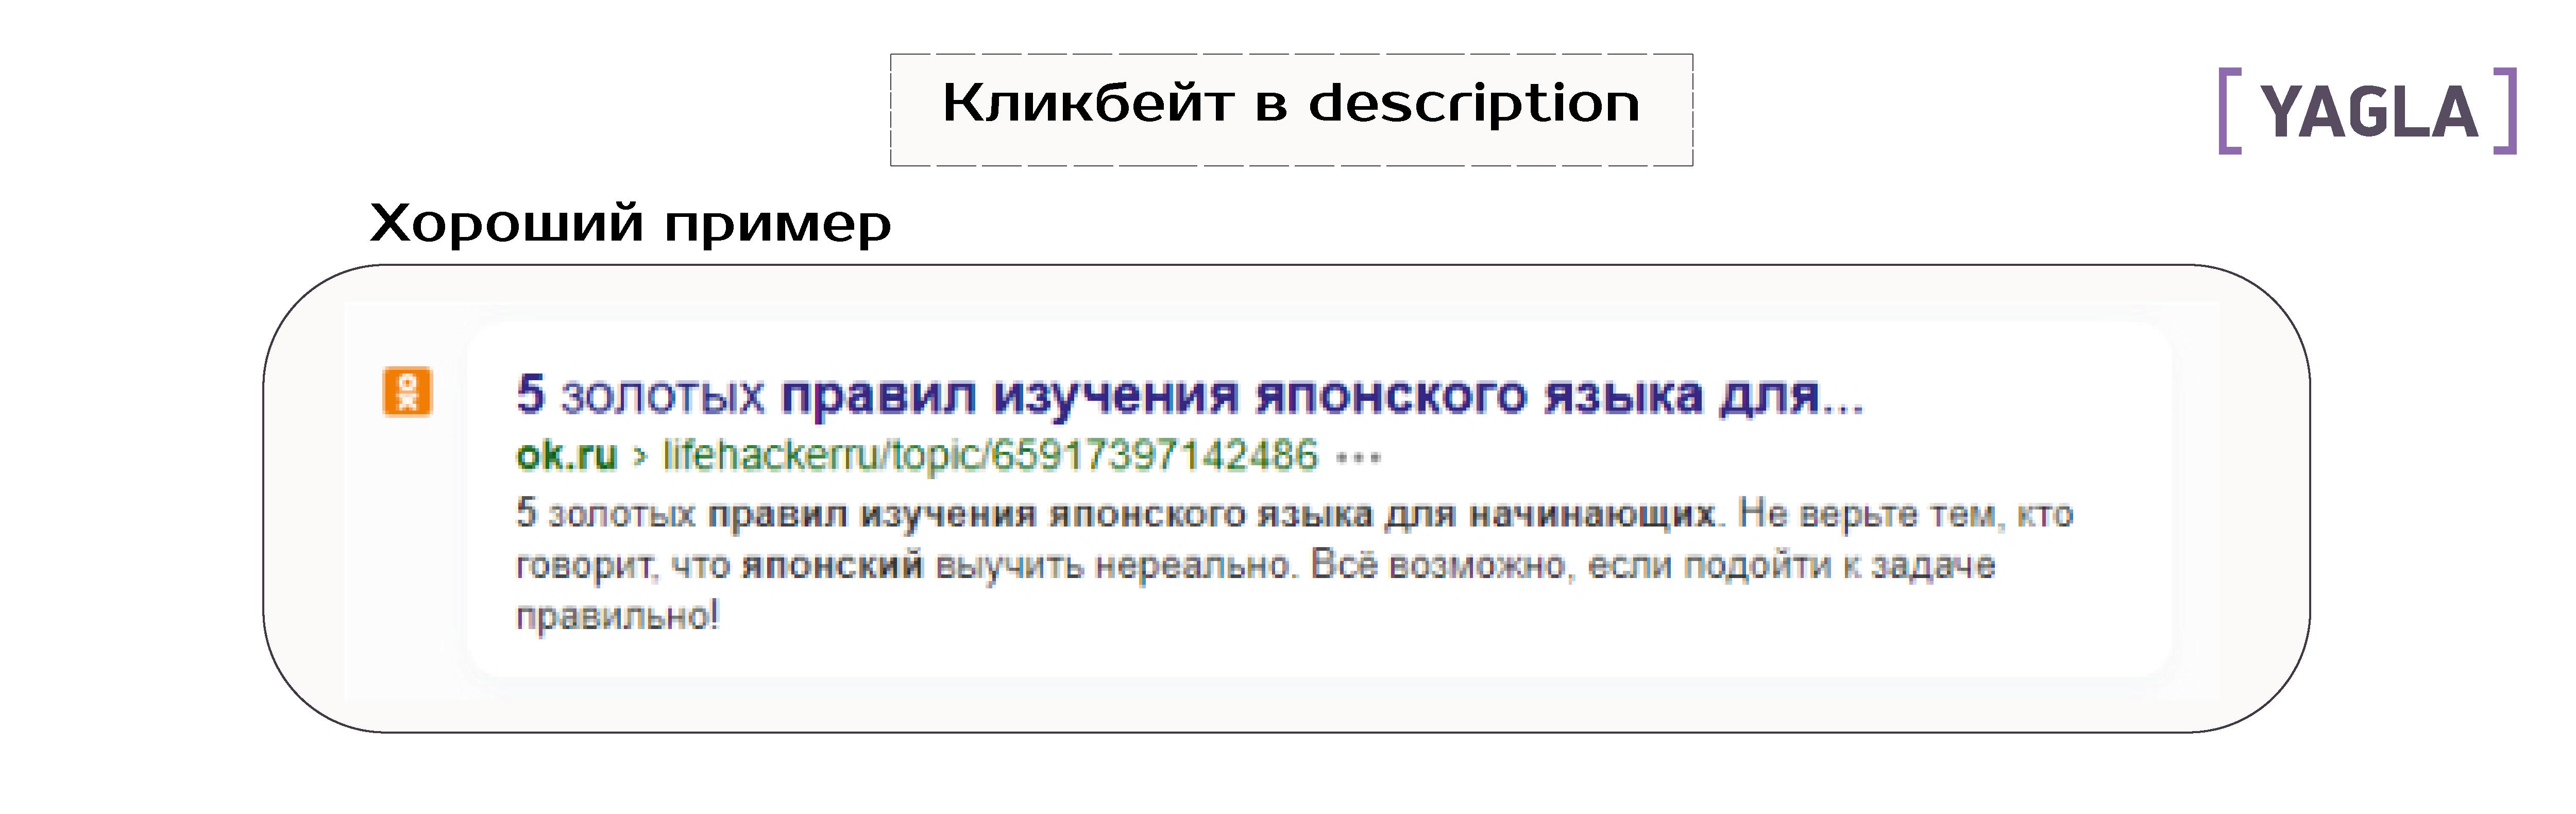 Кликбейт в description: пример